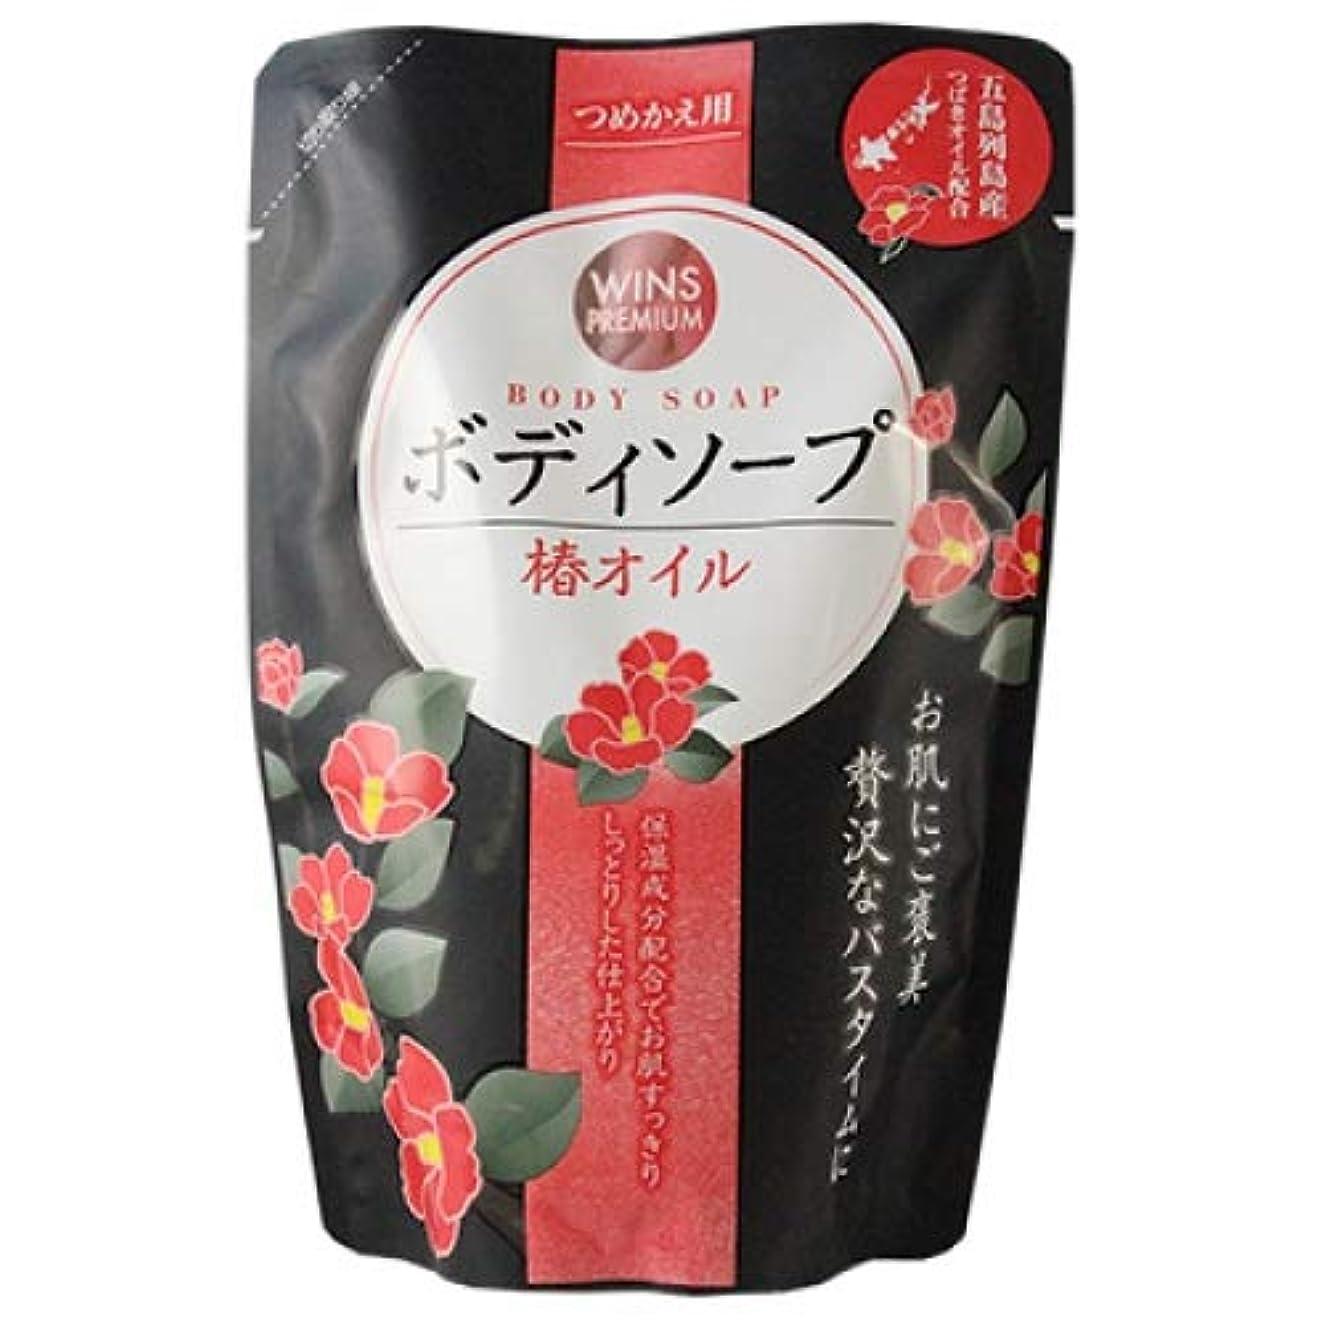 白菜プロット狂人日本合成洗剤 ウインズ 椿オイル ボディソープ つめかえ用 400mL 4904112827240